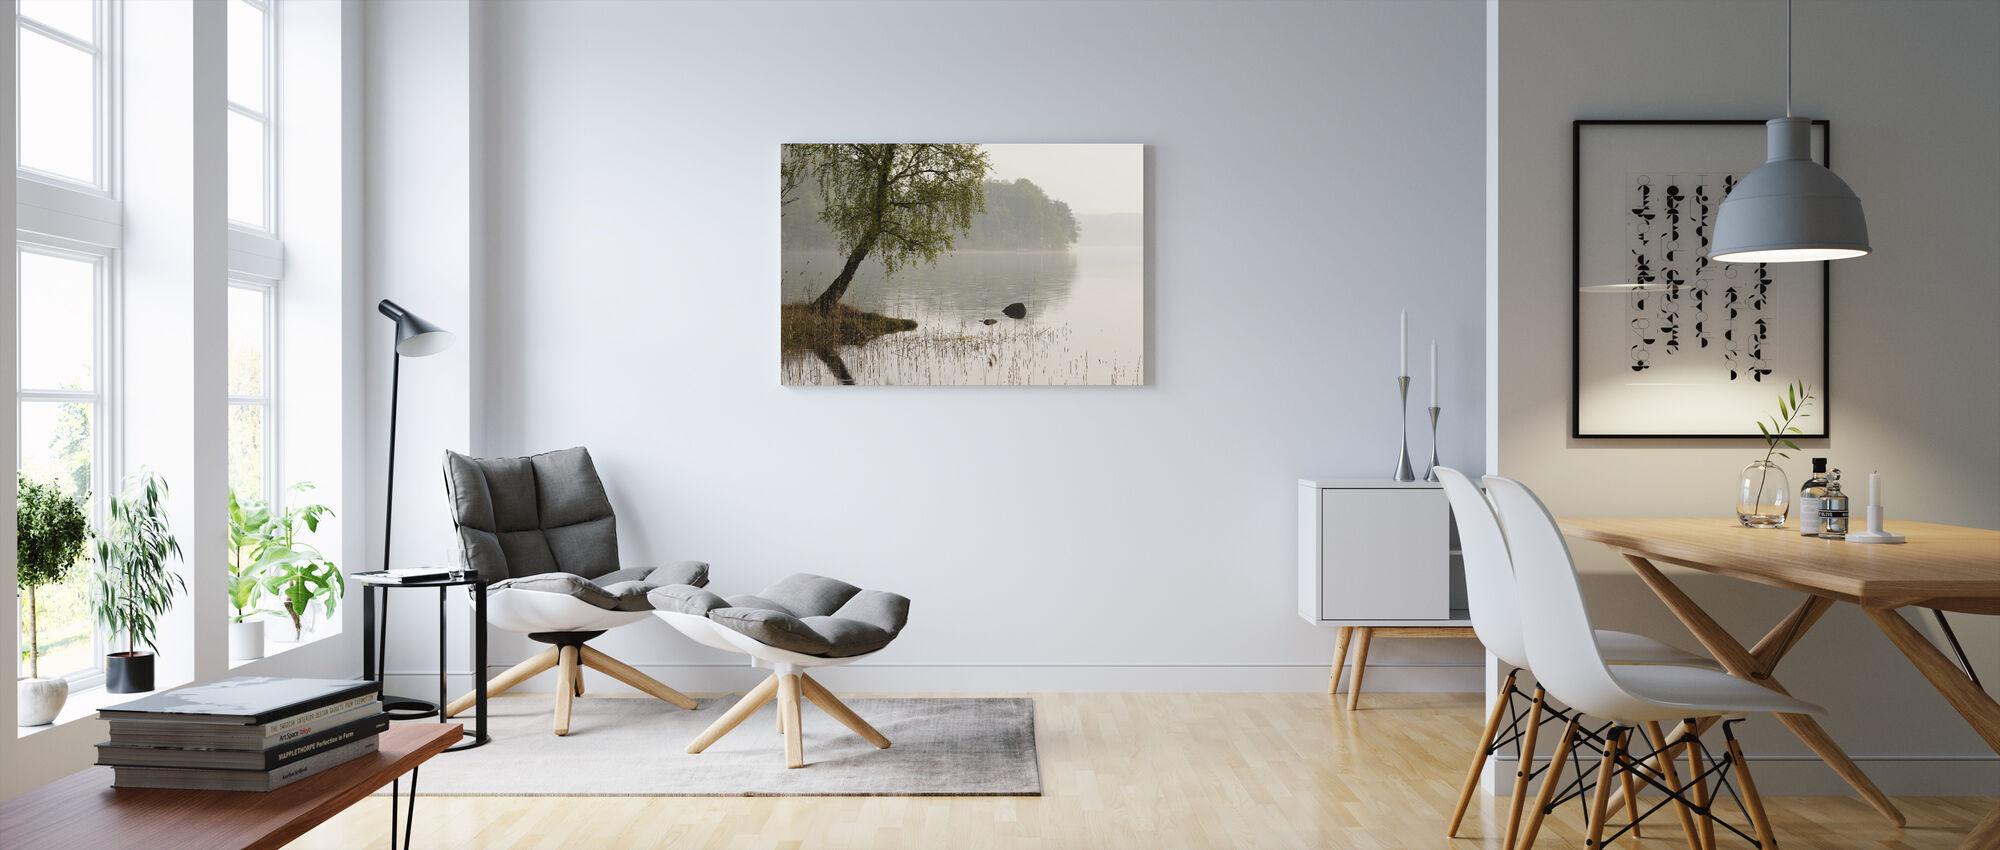 Puu Ruotsin järvellä - Canvastaulu - Olohuone